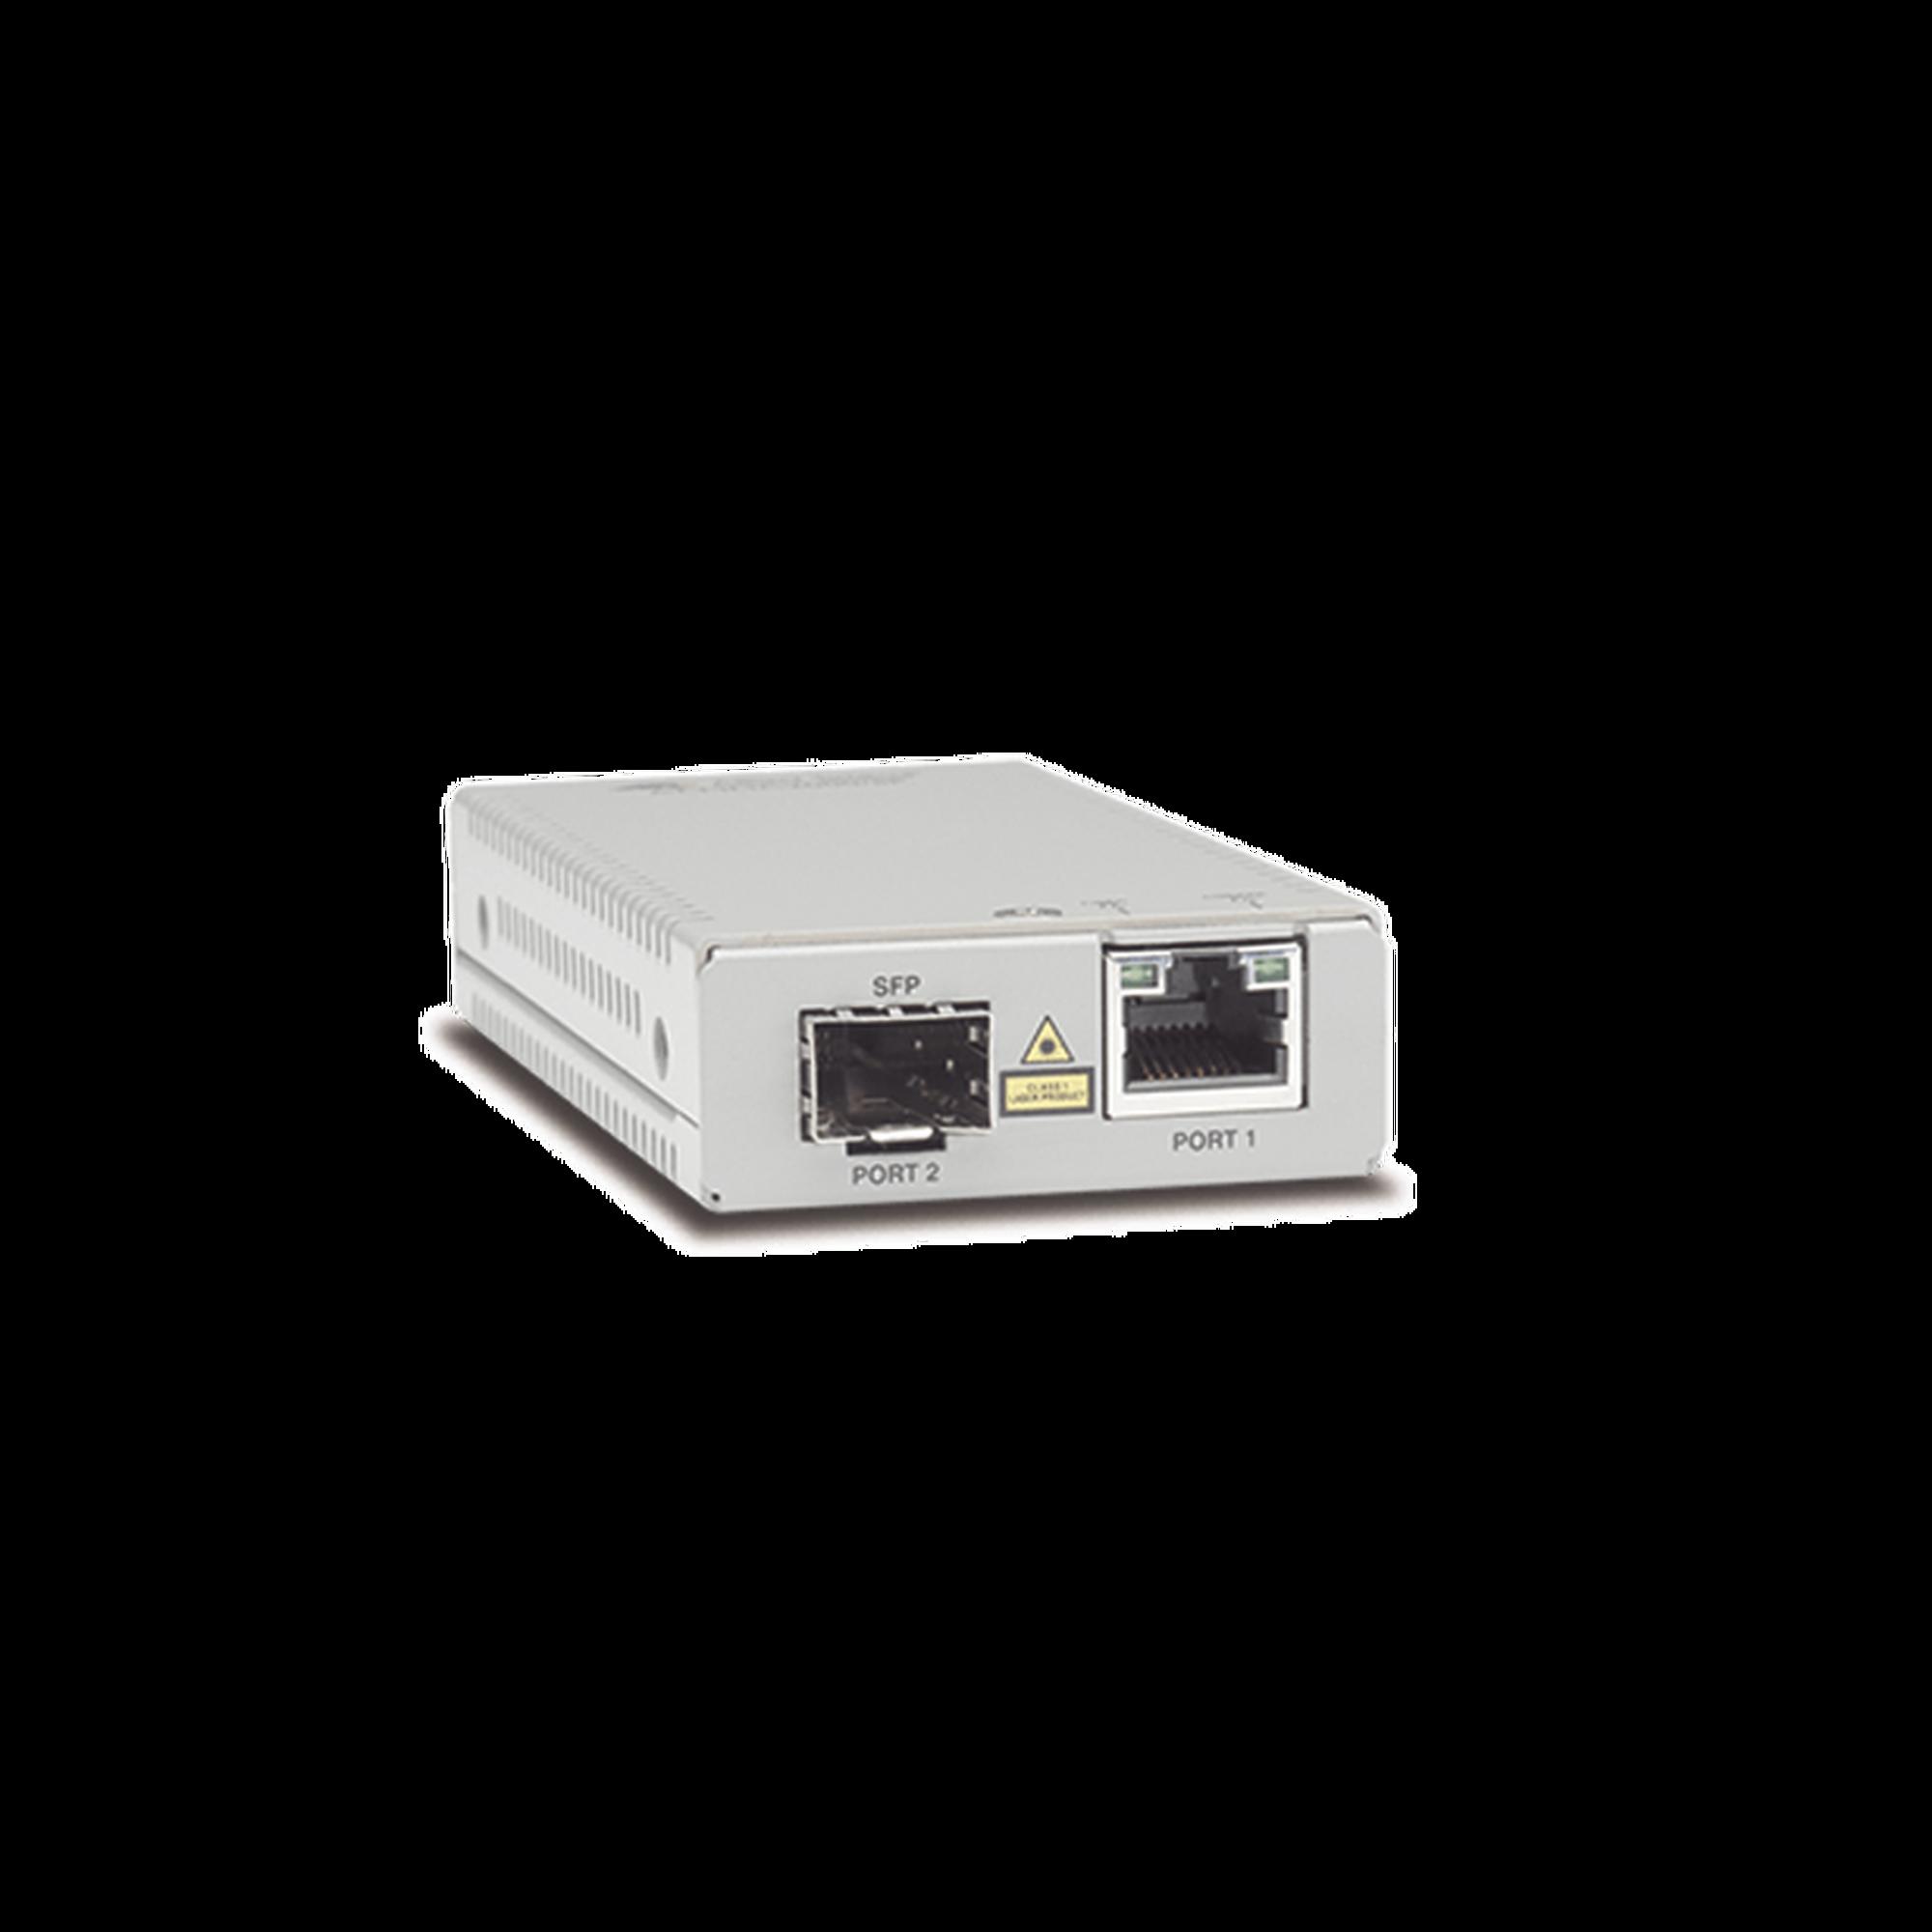 Convertidor de medios gigabit ethernet a fibra óptica con puerto SFP (la distancia y tipo de fibra óptica depende del transceptor), con fuente de alimentación multi-región